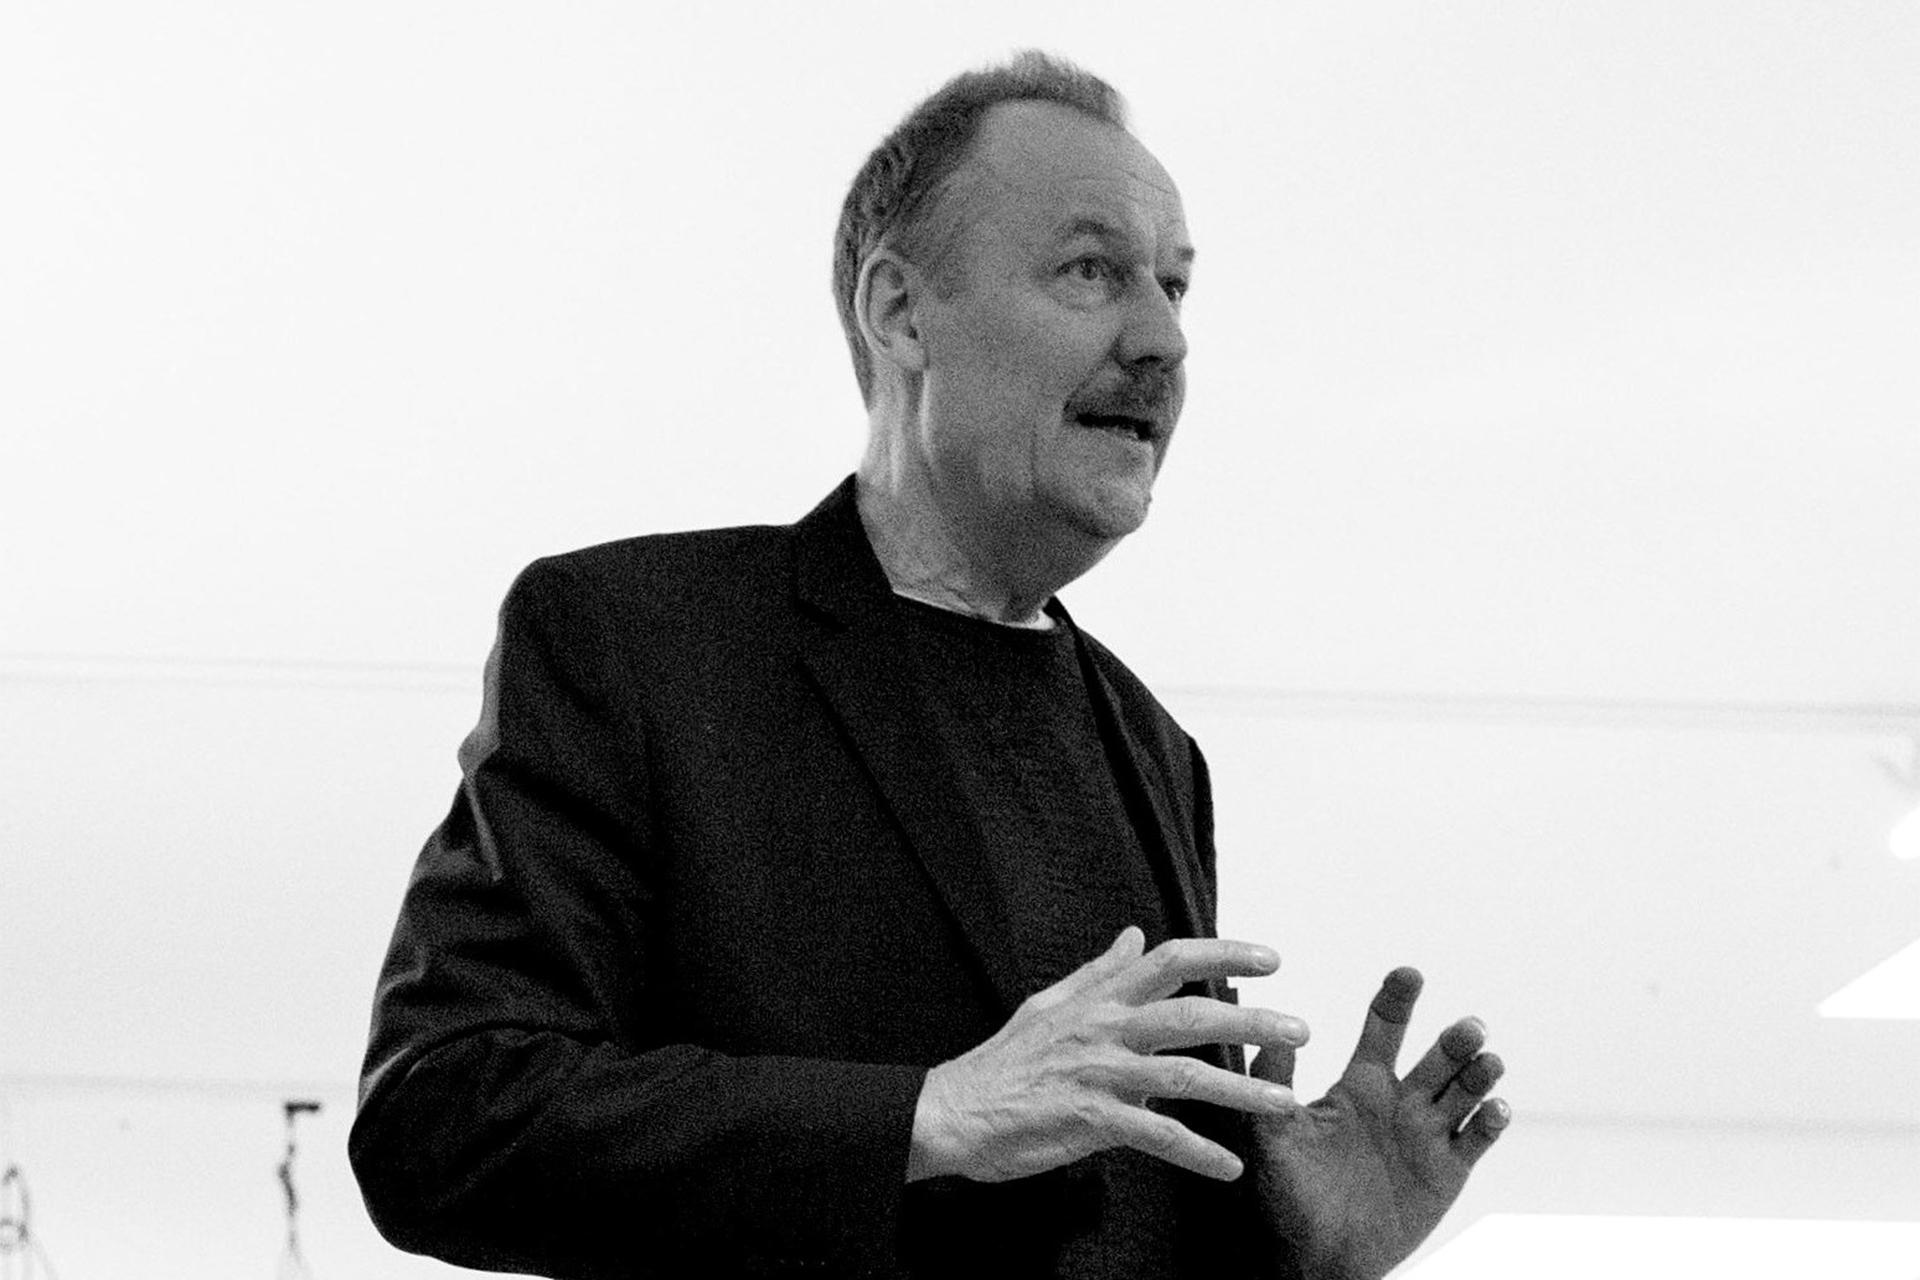 Troels Grum-Schwensen, Architect & Designer of GRUMDESIGN Troels Grum-Schwensen, Denmark